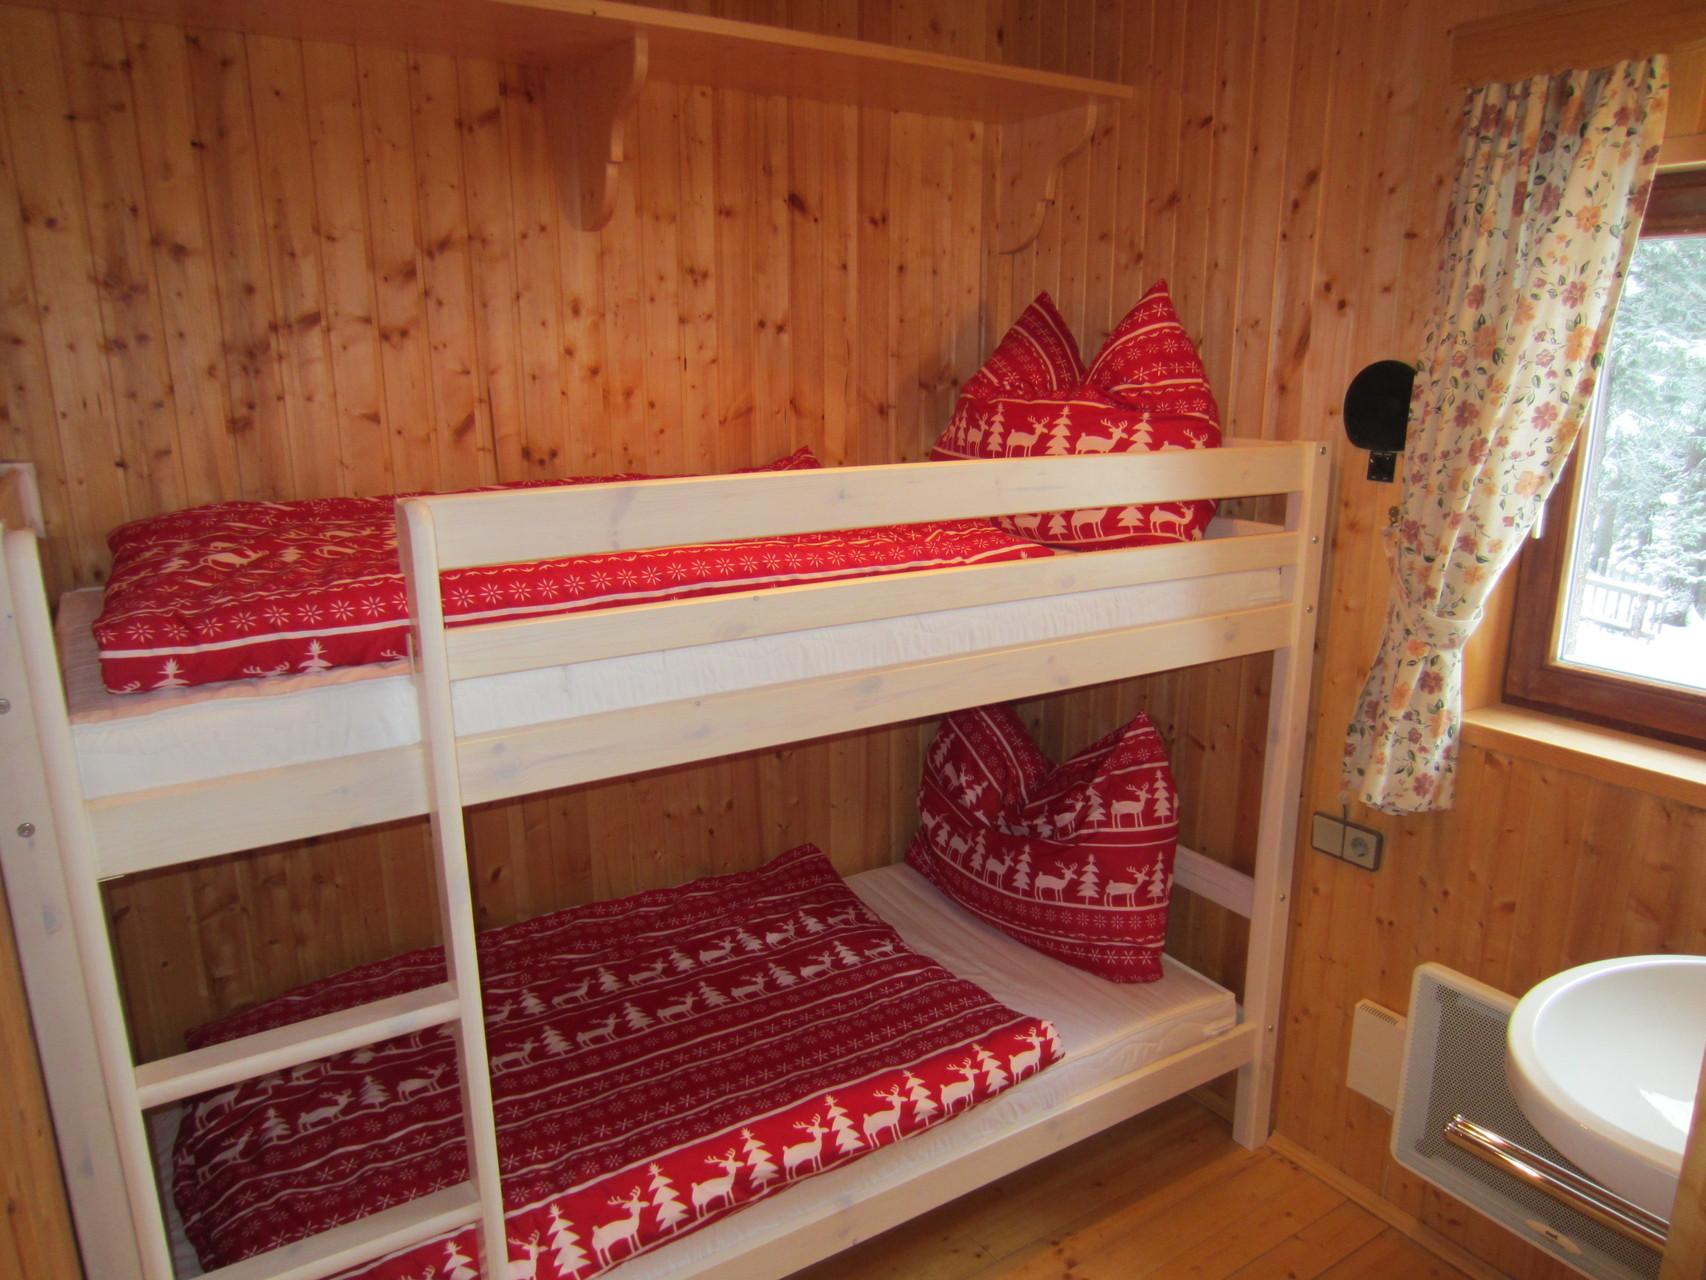 Kinderzimmer mit Stockbett und Waschgelegenheit im Wohngeschoss